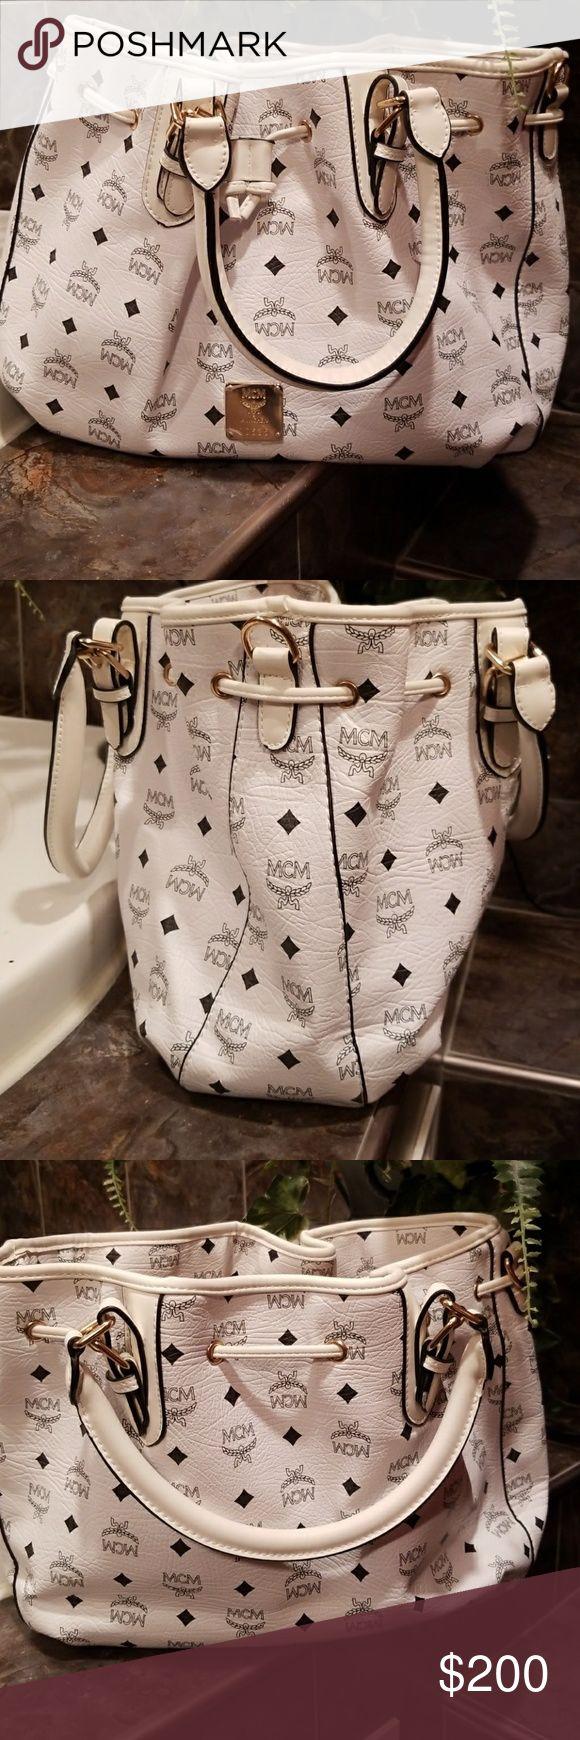 New MCM bag New white MCM handbag with dust bag MCM Bags Hobos